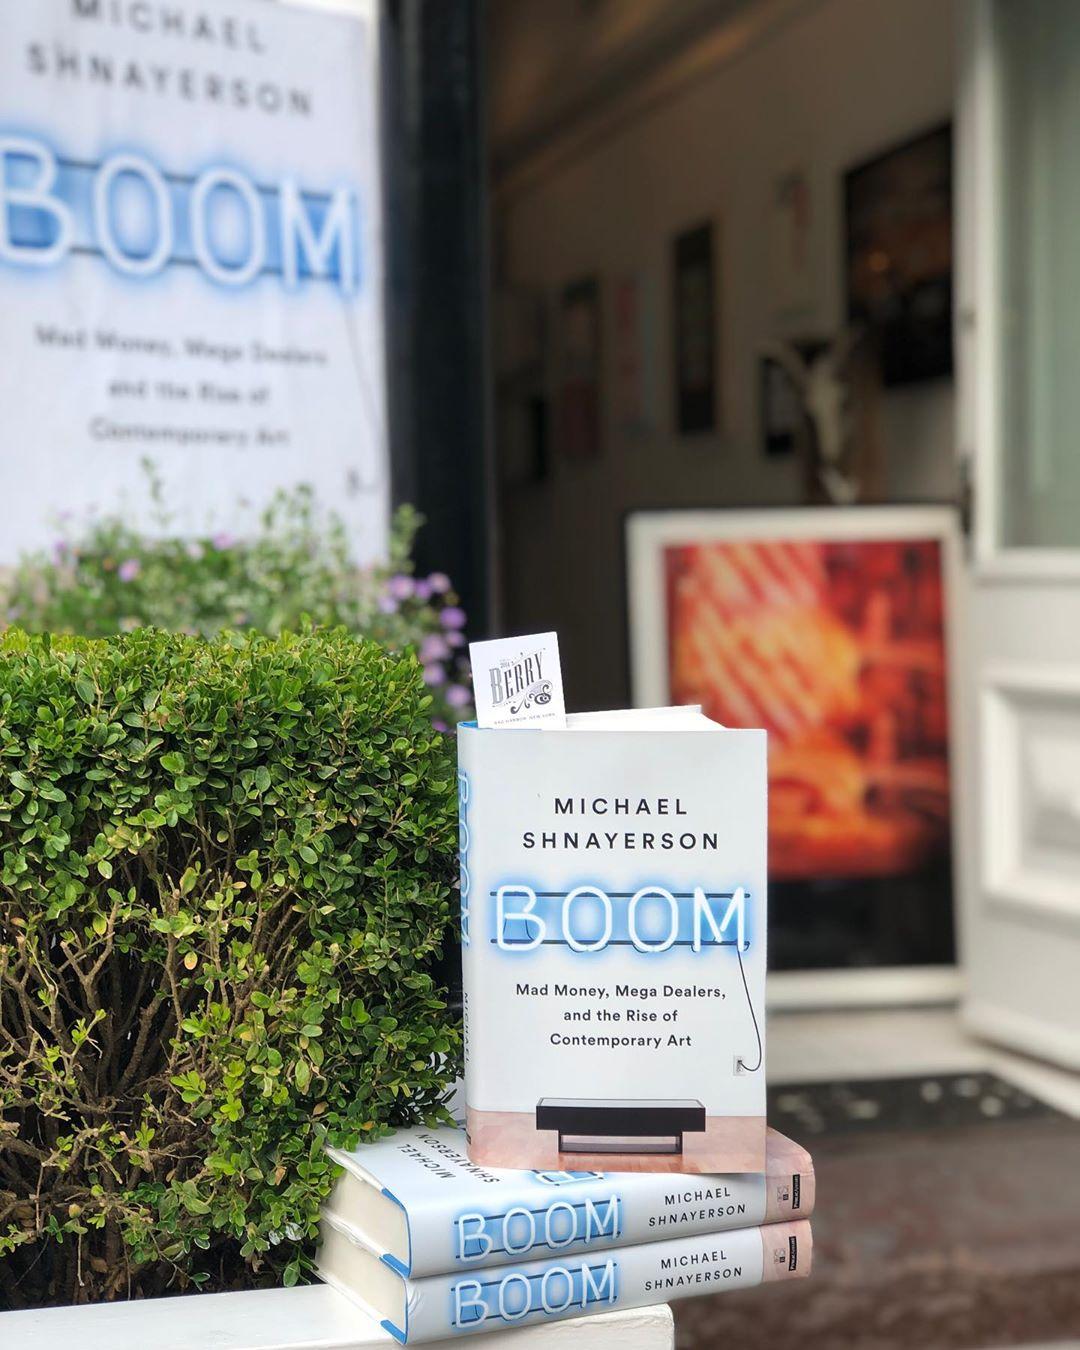 新书推荐:《繁荣:疯狂的金钱、大型经销商们和当代艺术的崛起》